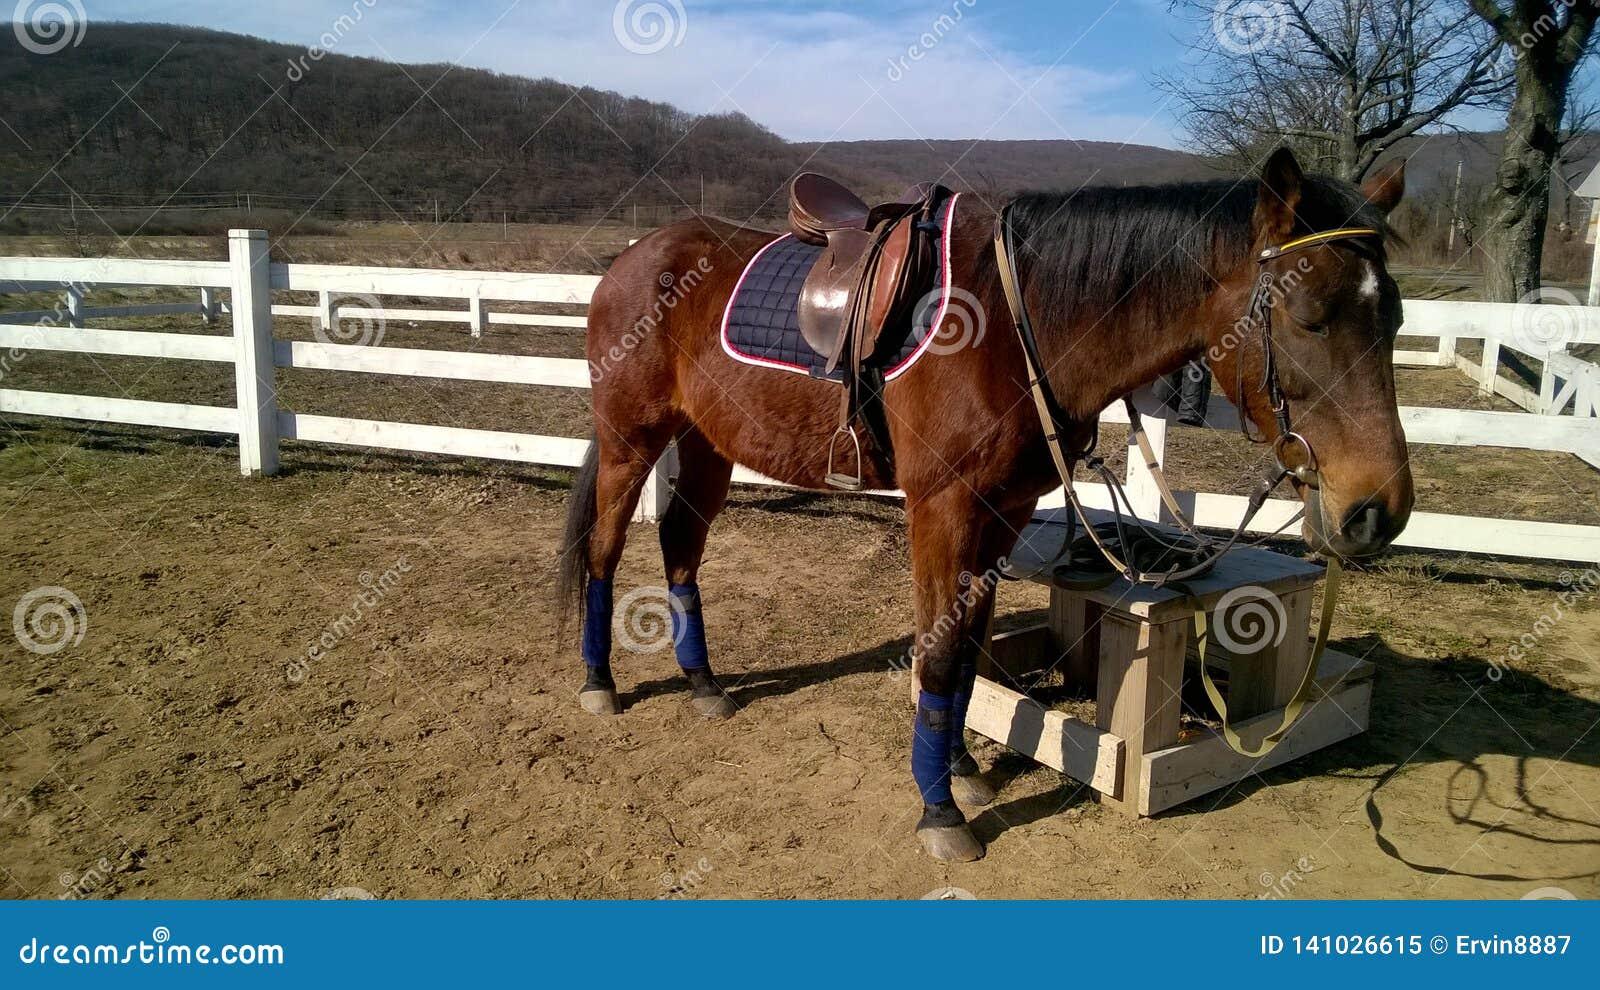 Sportpferd, vor der Ausbildung, erwartet Reiter